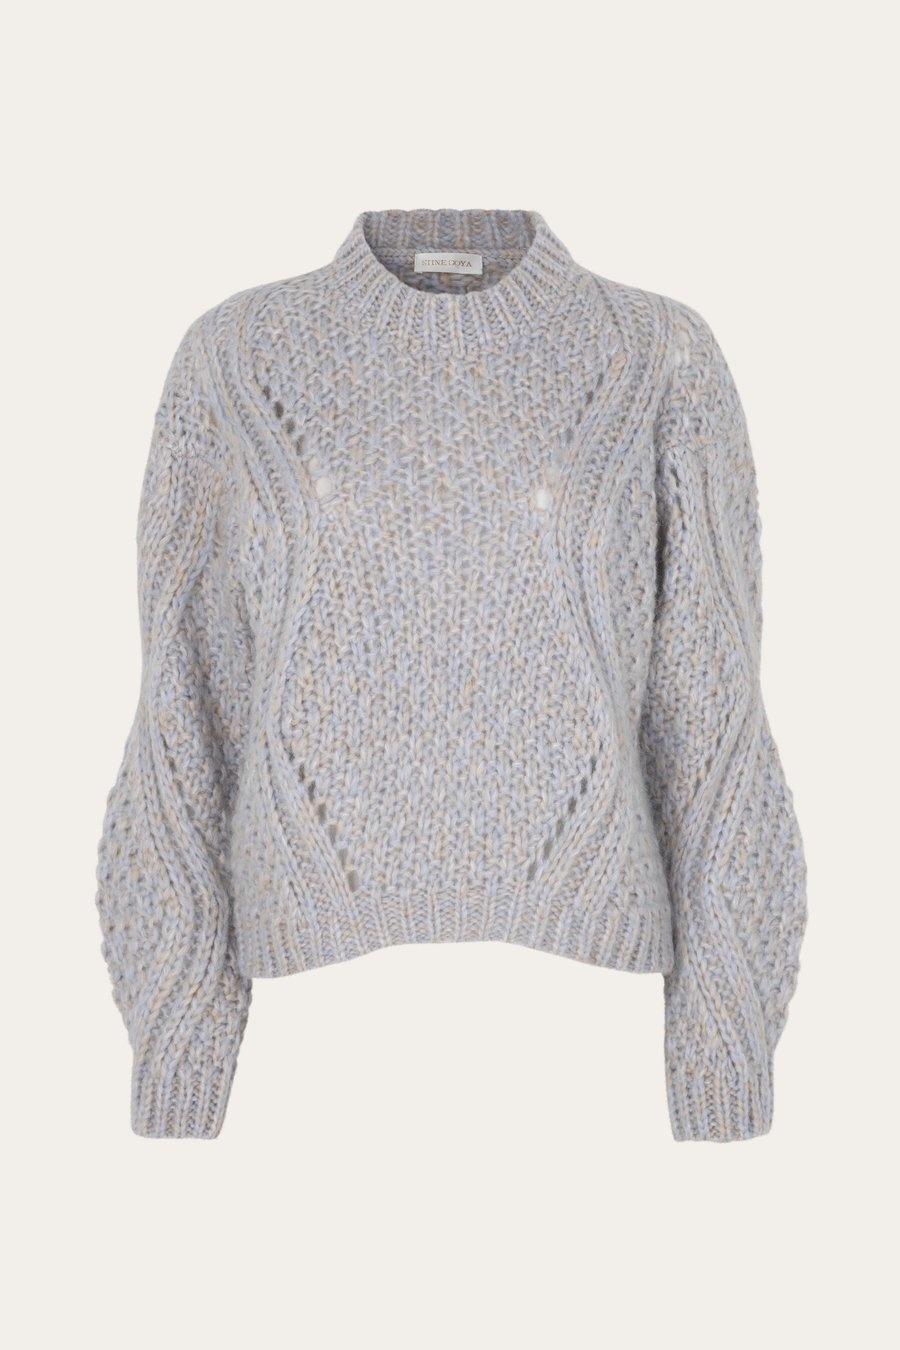 Alex sweater Stine Goya-1